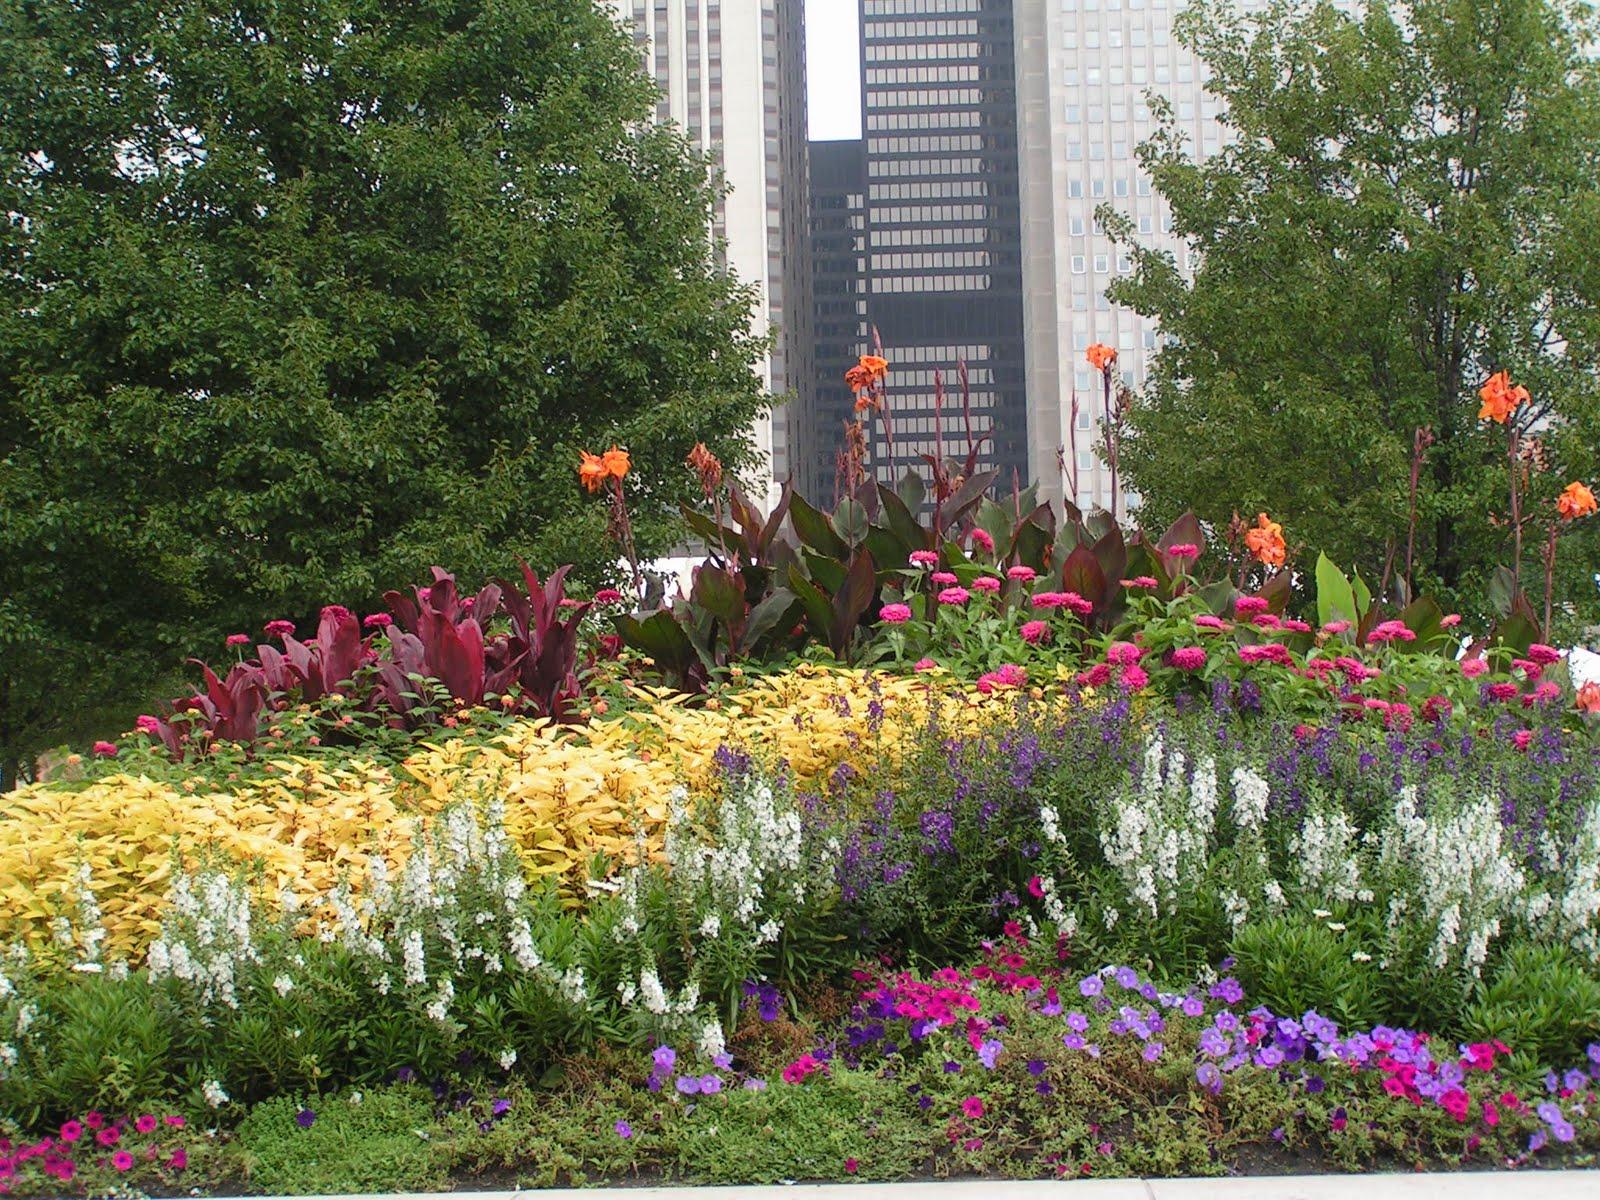 Im genes de jardines y parques de mi viaje for Parques y jardines